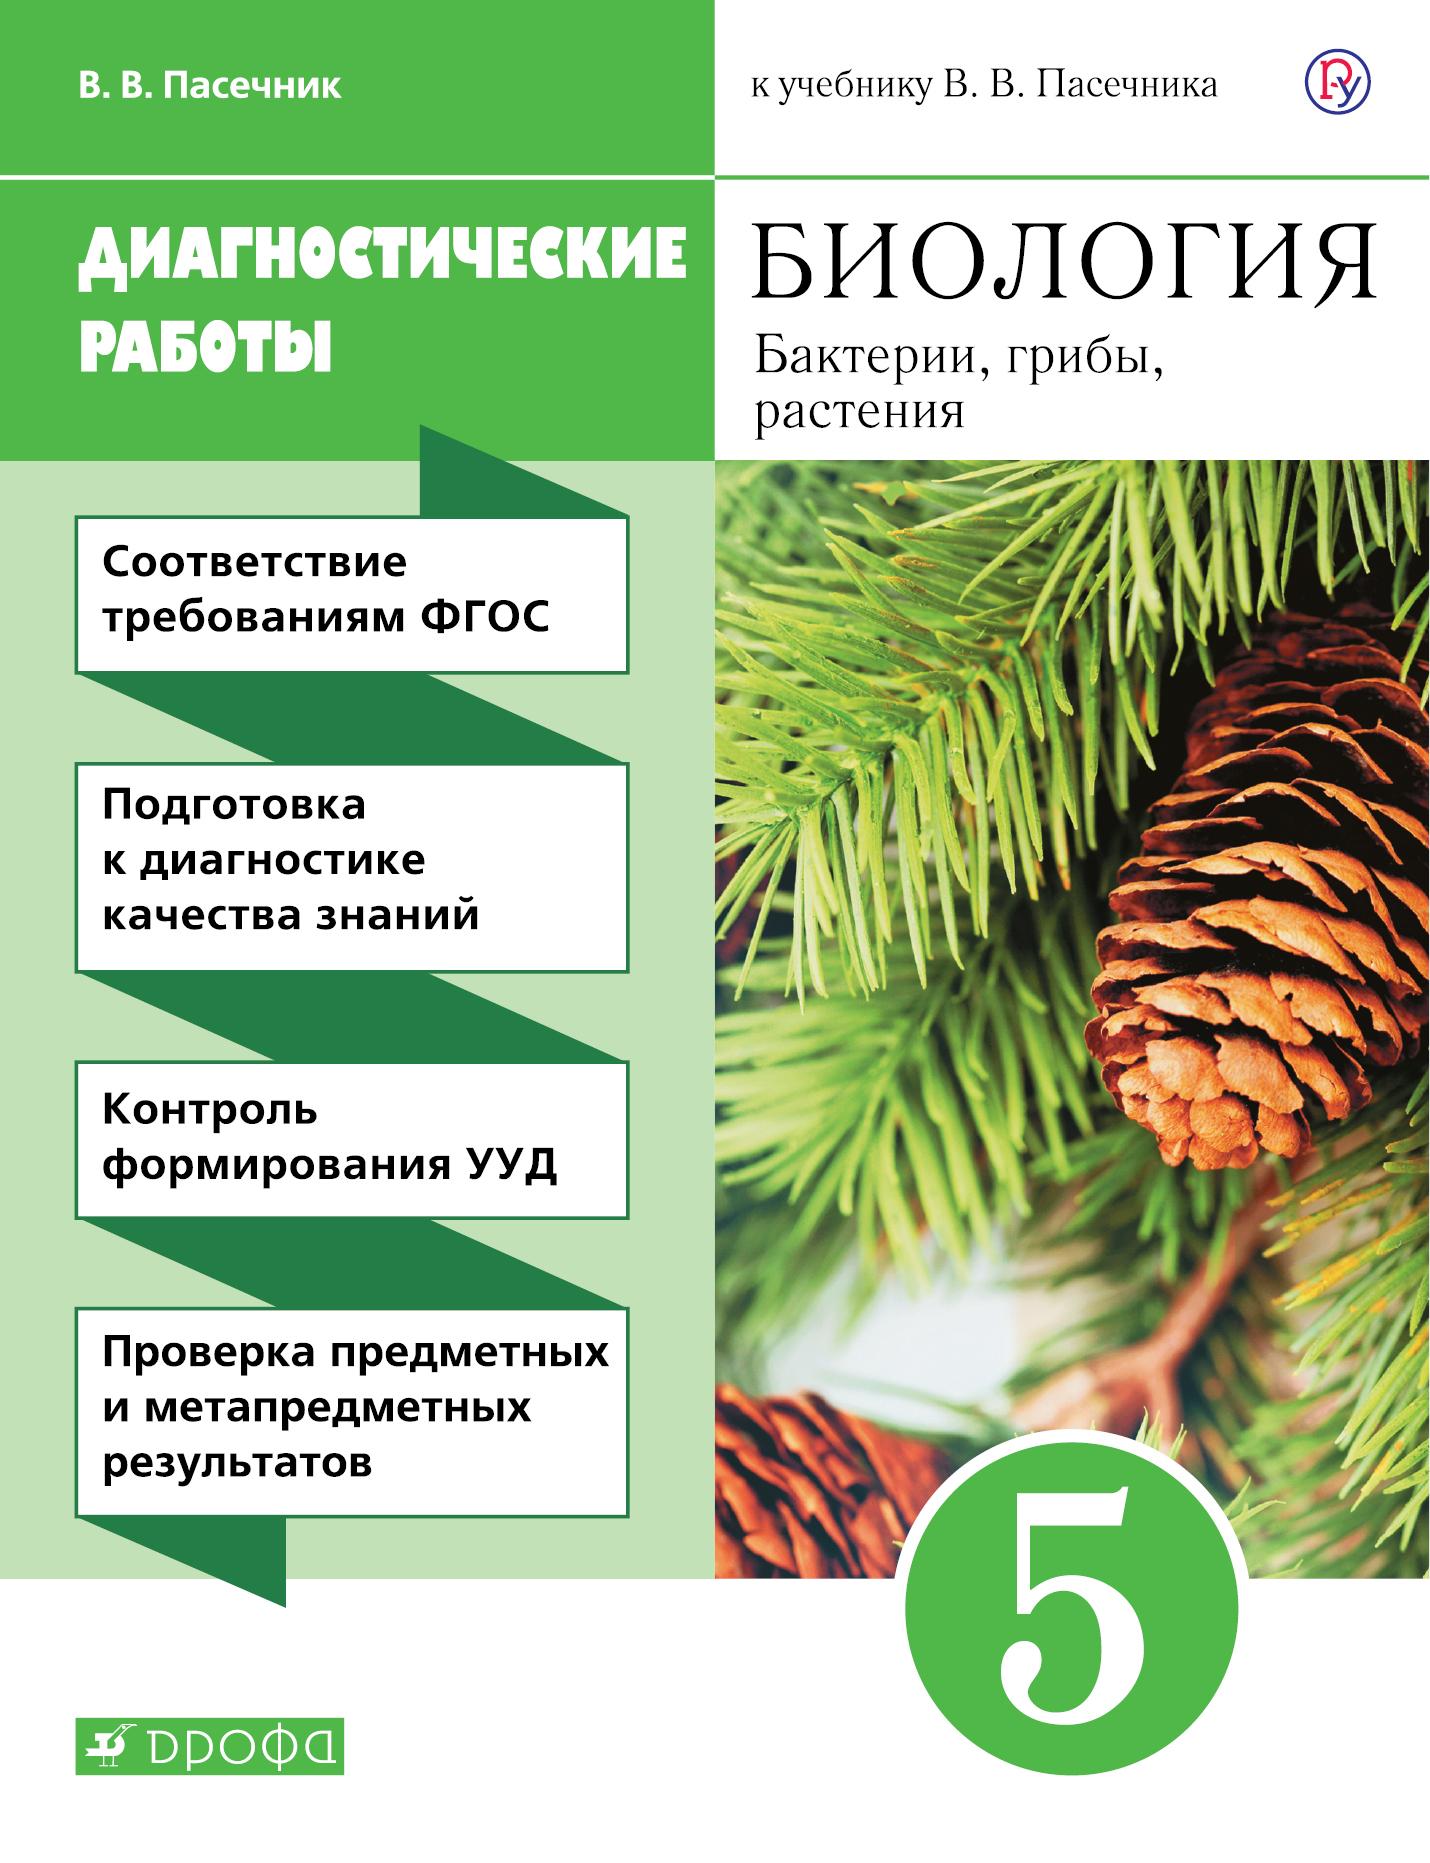 Пасечник В.В. Биология. 5 класс. , грибы, растения. Диагностические работы